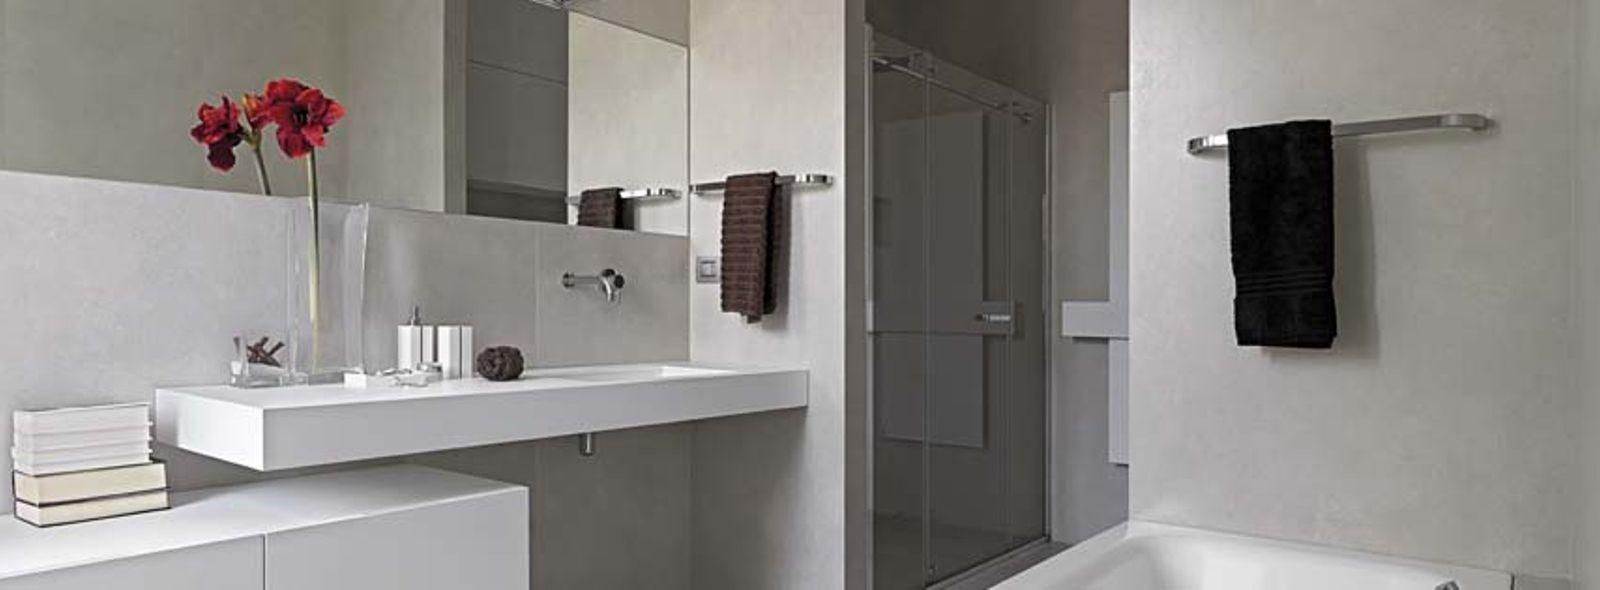 Come progettare un bagno senza piastrelle